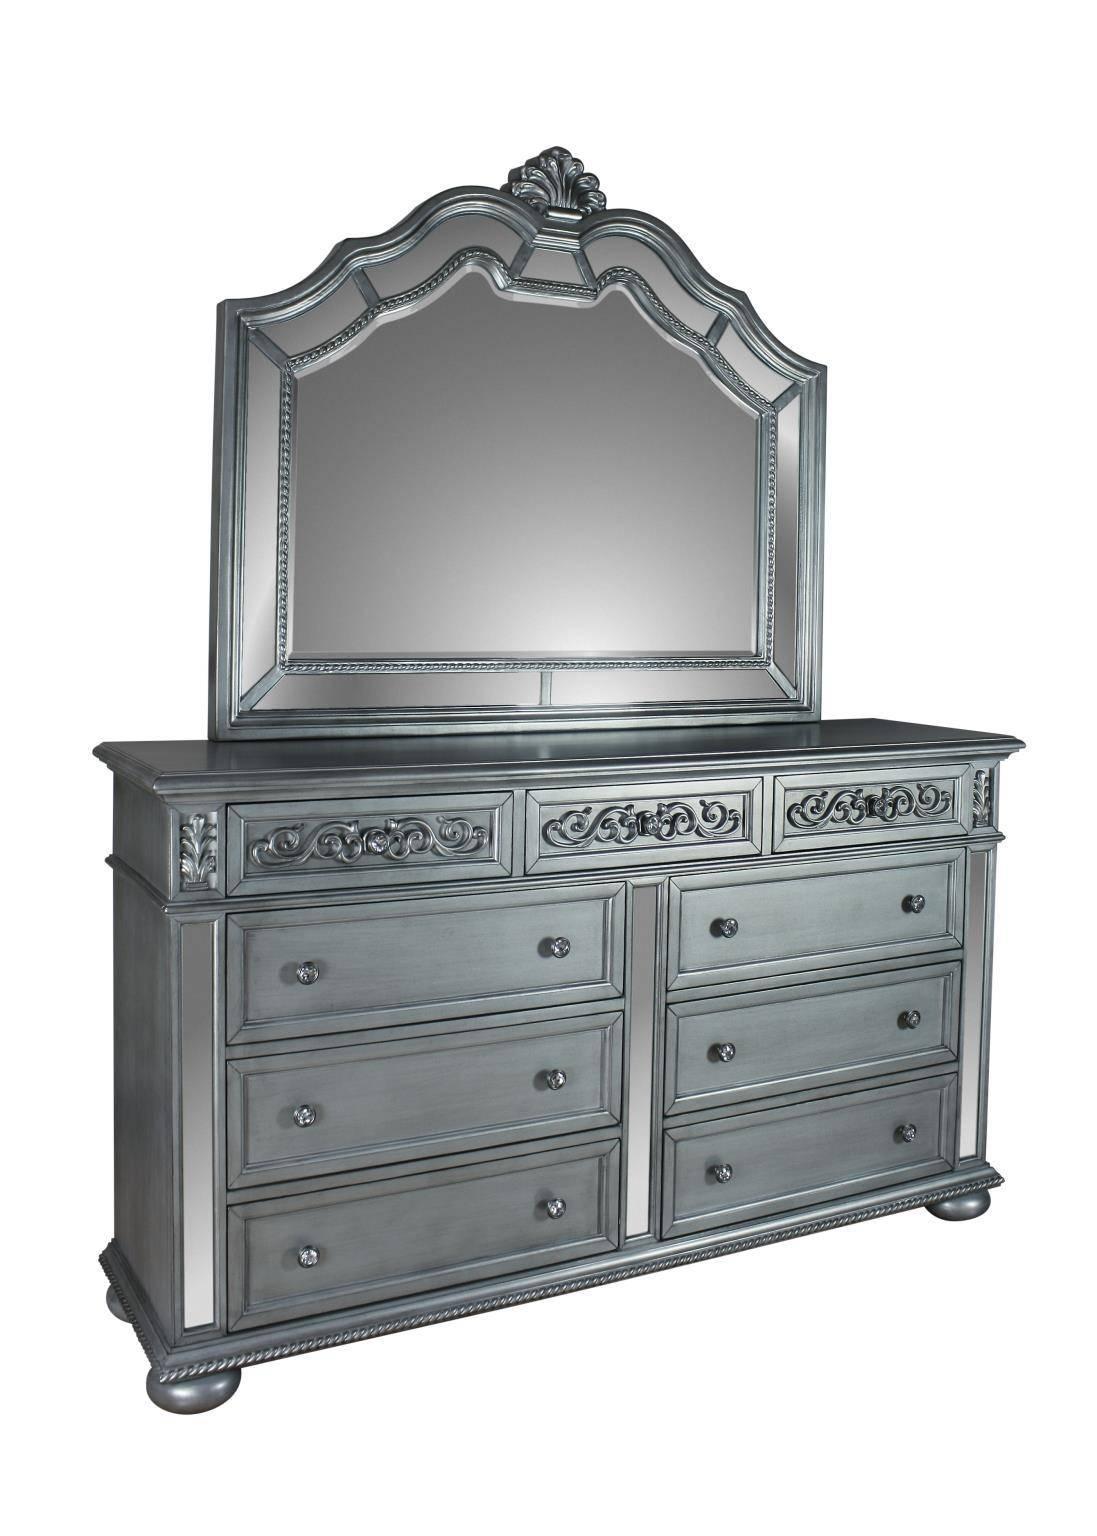 Kealynn Silver Dresser